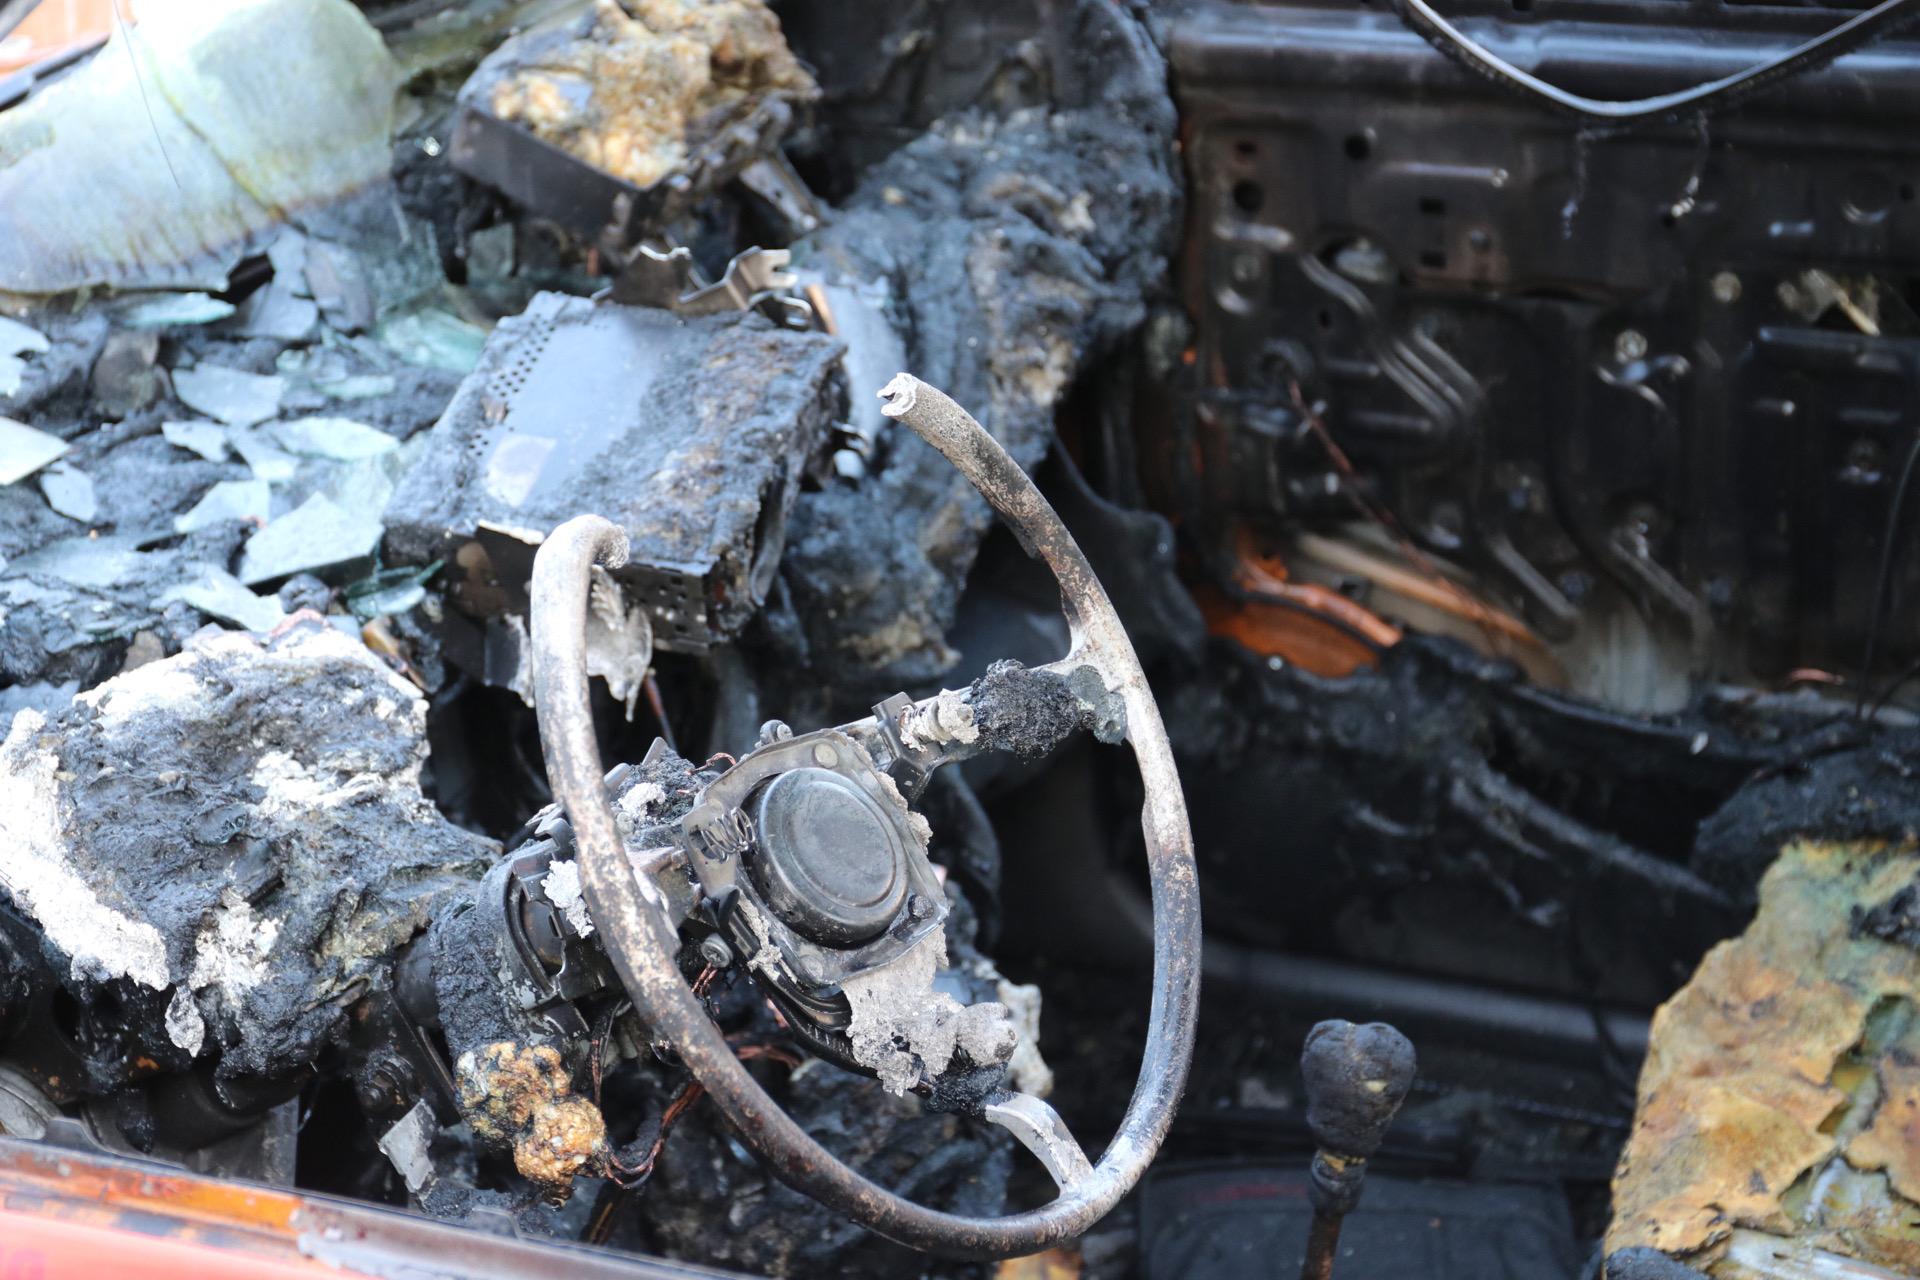 Regionale stijgingen aantal autobranden ondanks rustige jaarwisseling